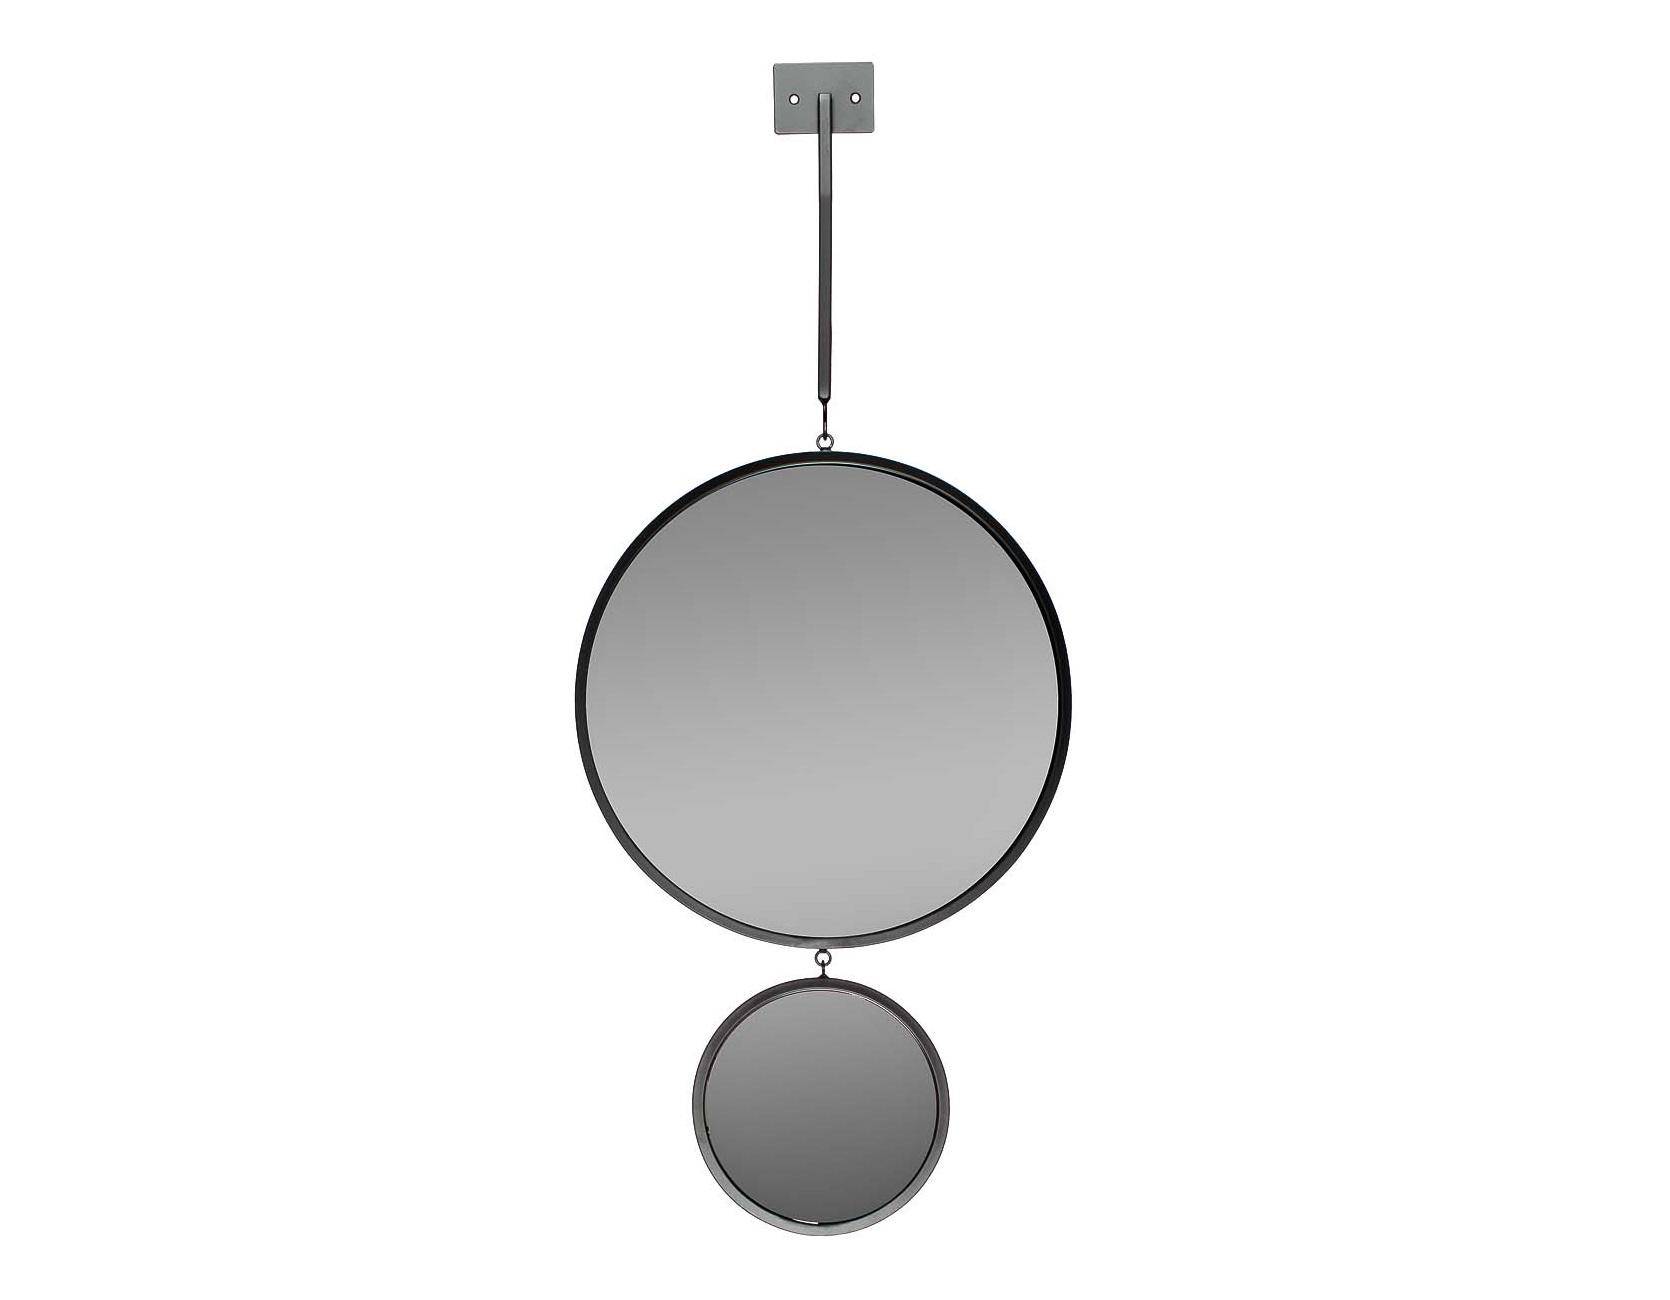 ЗеркалоНастенные зеркала<br>диаметр большого зеркала - 40 см, маленького зеркала - 20 см, высота планки - 60 см<br><br>Material: Металл<br>Ширина см: 40<br>Высота см: 120